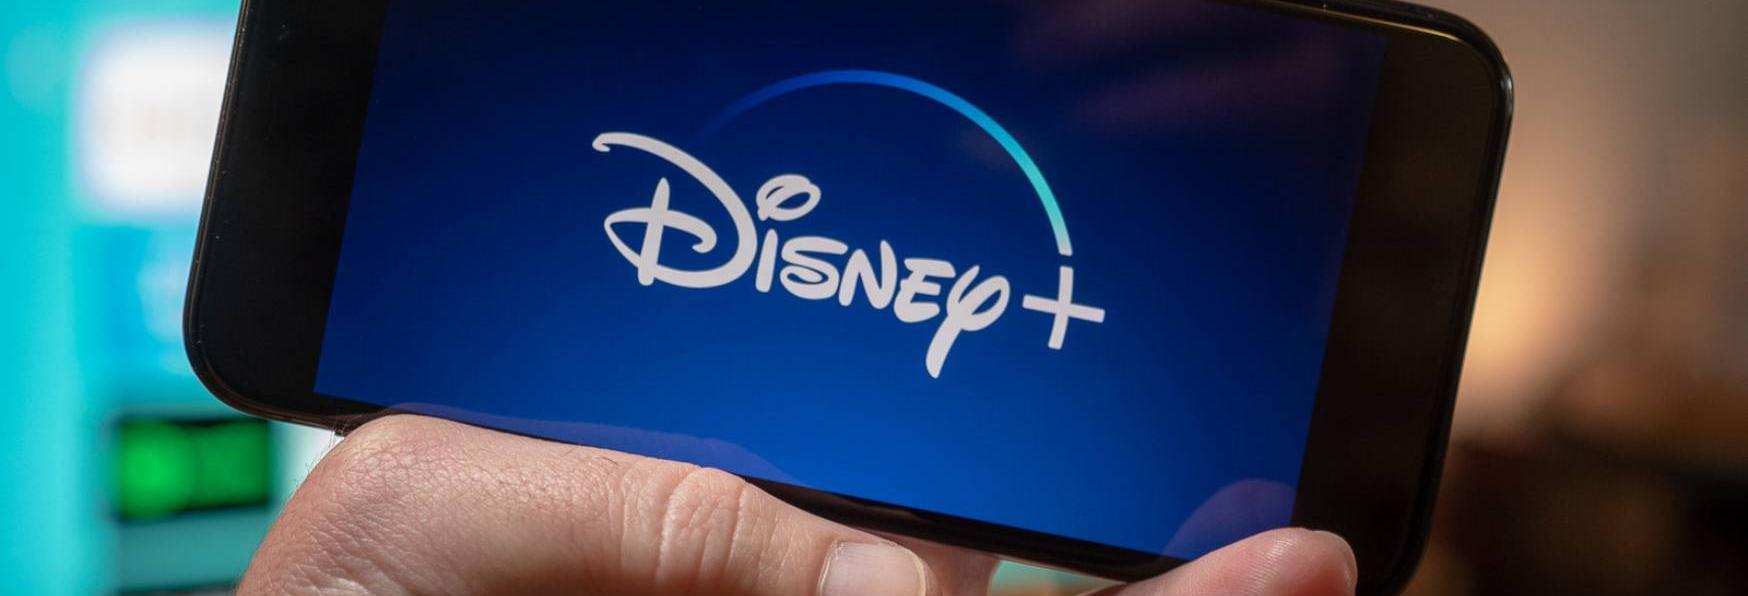 Disney+: la data di Lancio della Piattaforma e le Nuove Serie TV Disponibili